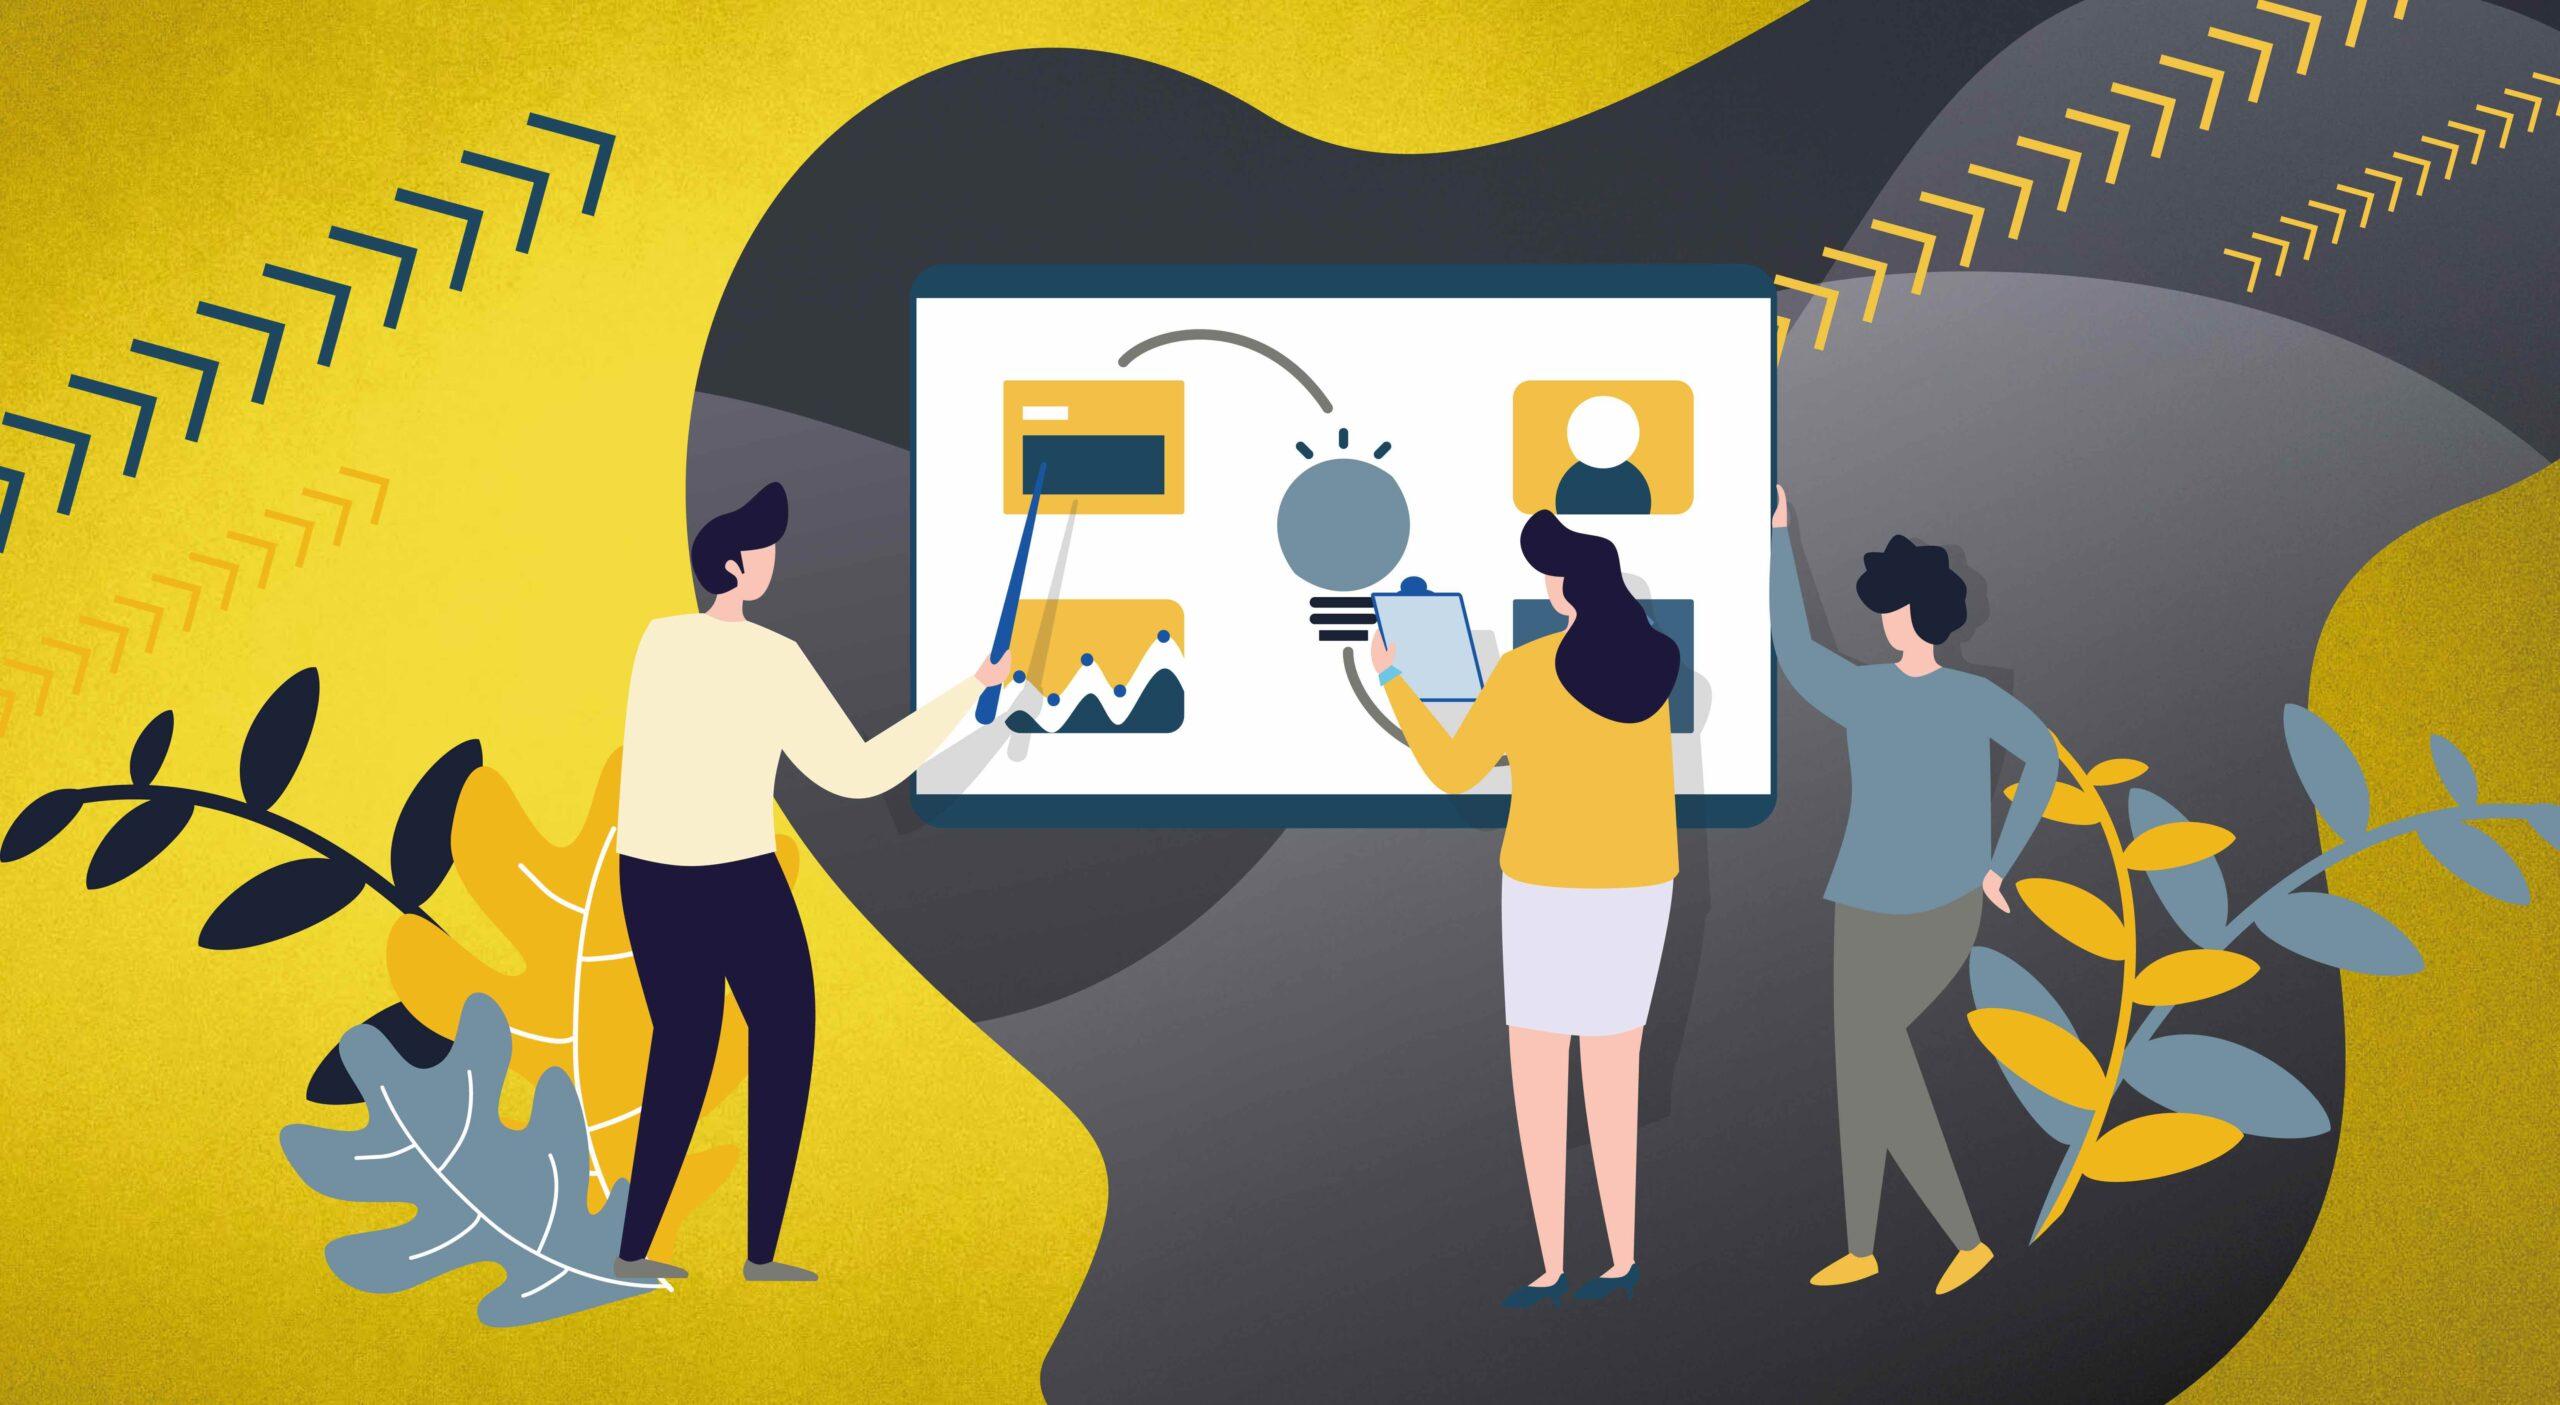 Costruire l'identità di marca è il primo passo da compiere per realizzare un'impresa sana. Il consiglio è sfruttare strumenti strategici e funzionali di comprovata efficiacia. Uno fra tutti, il prisma di Kapferer.